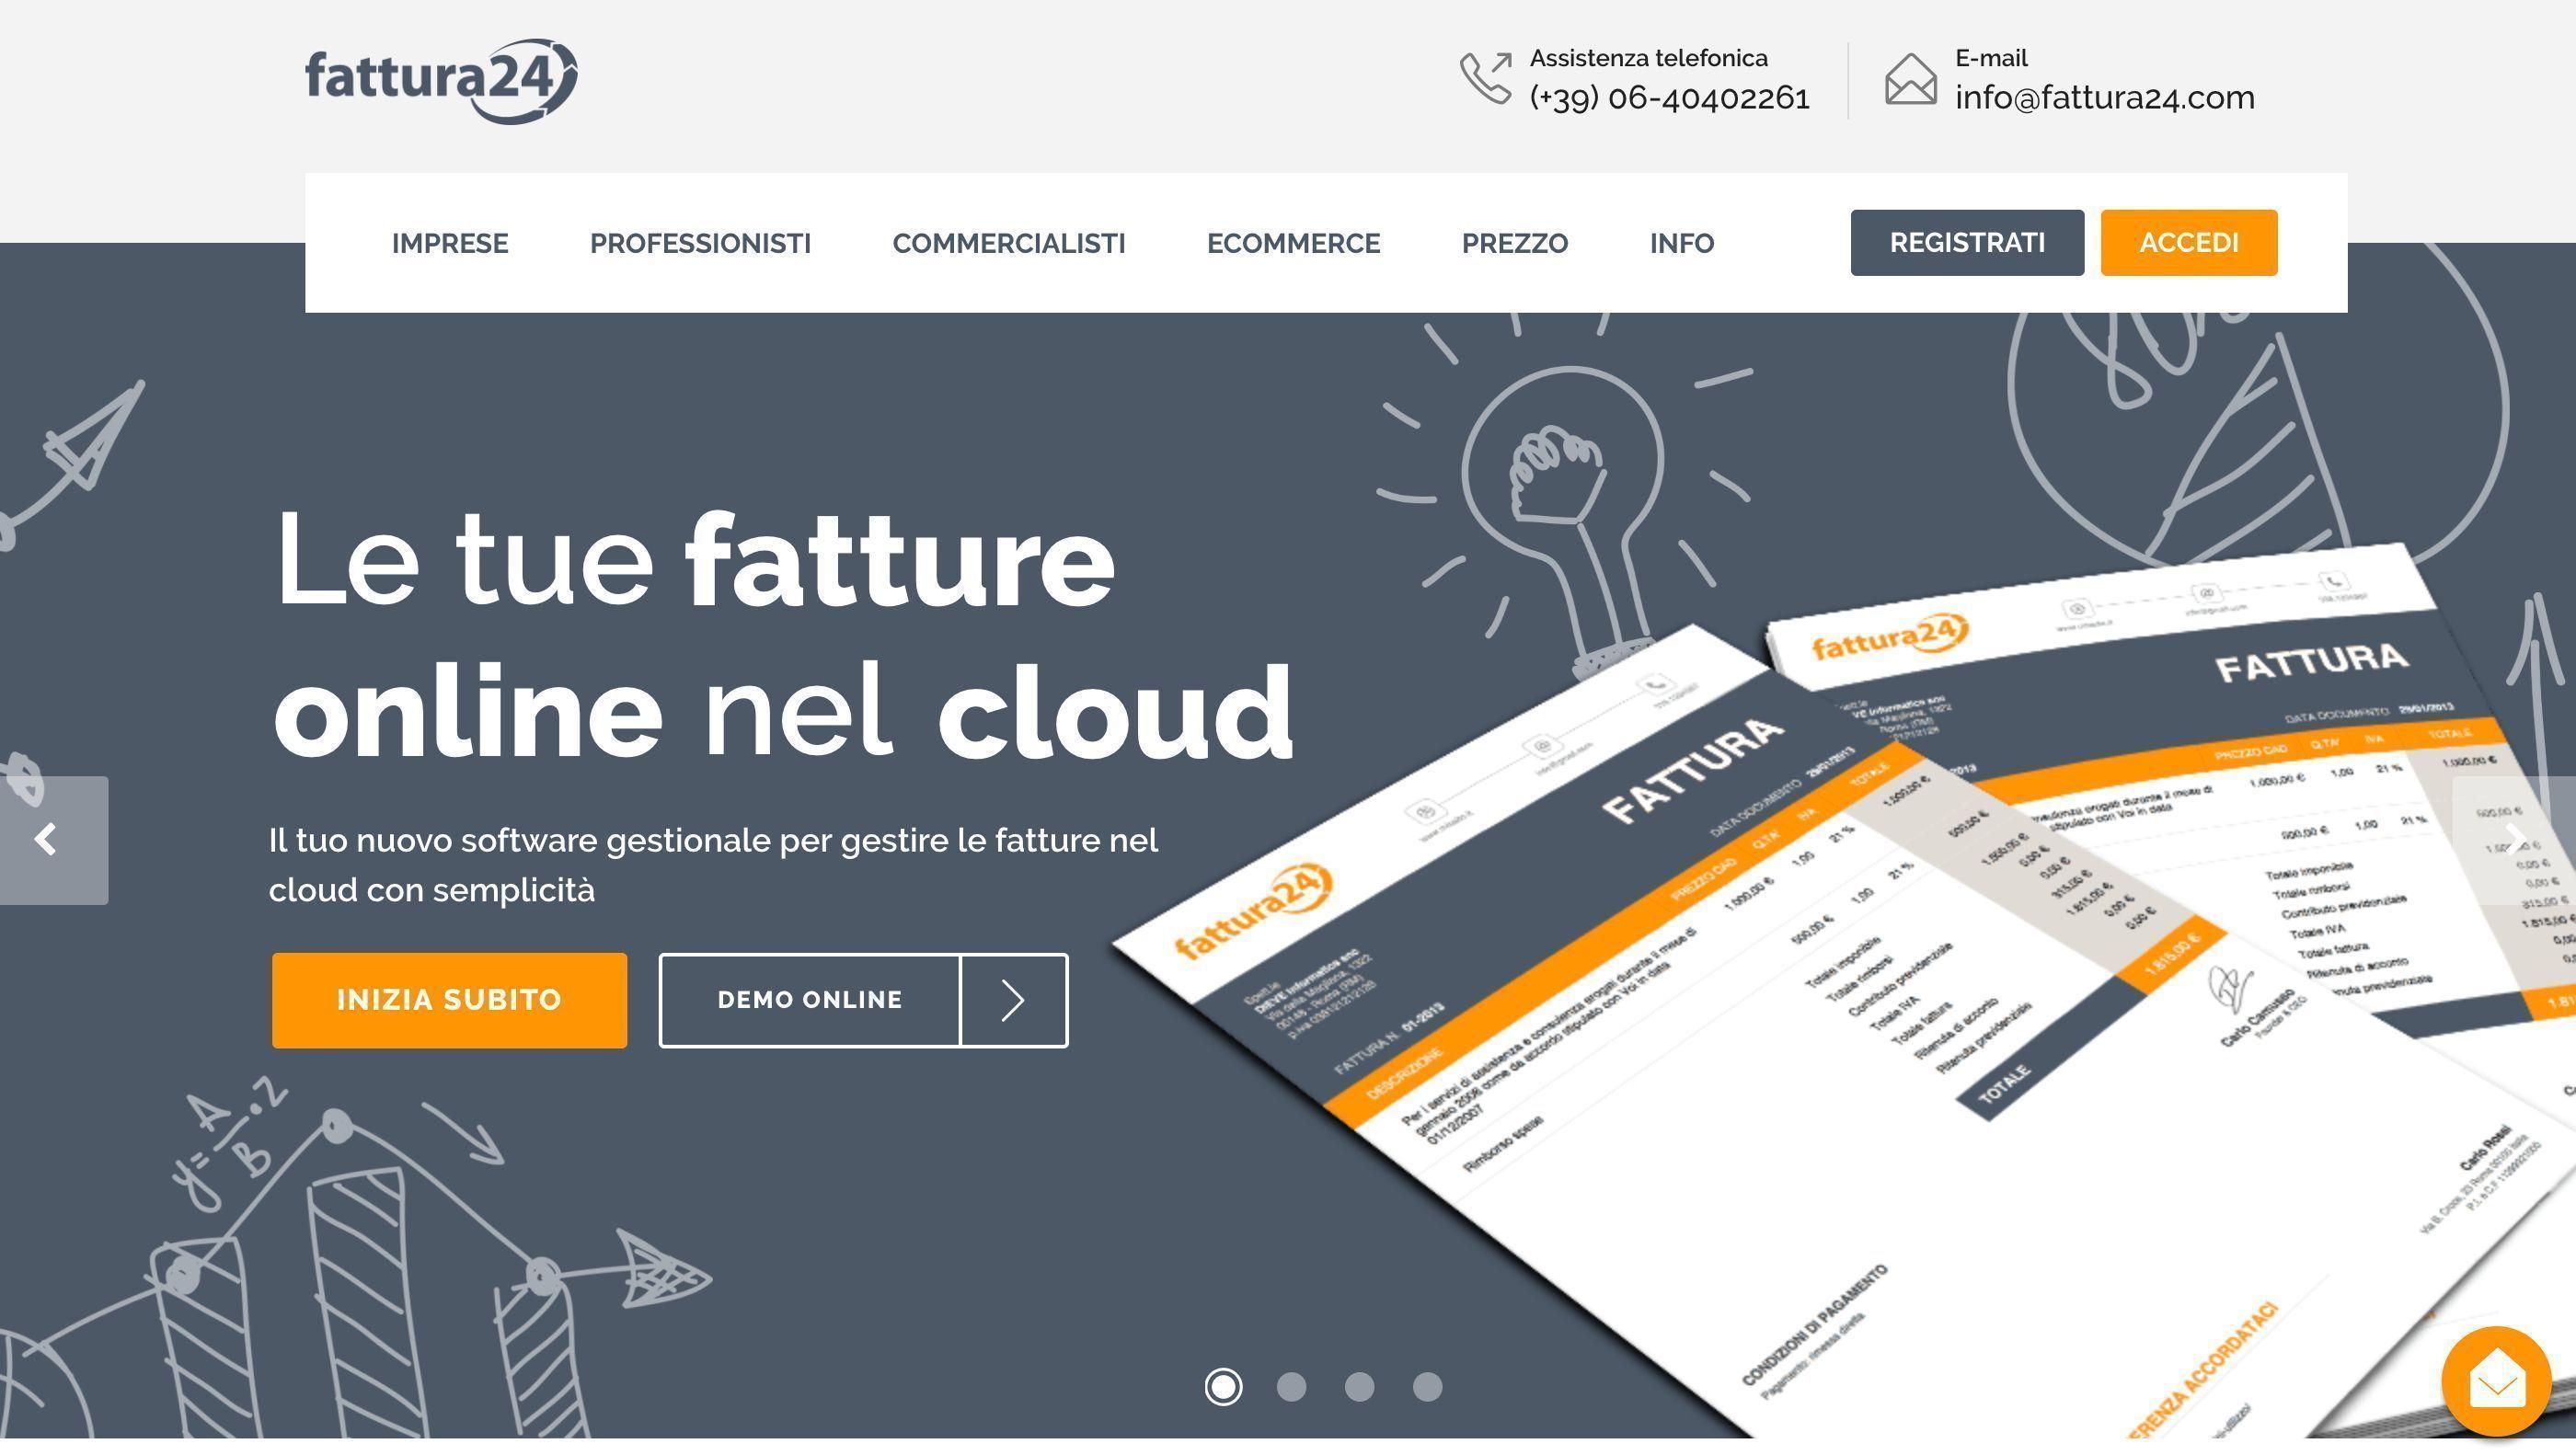 Fattura24 home page